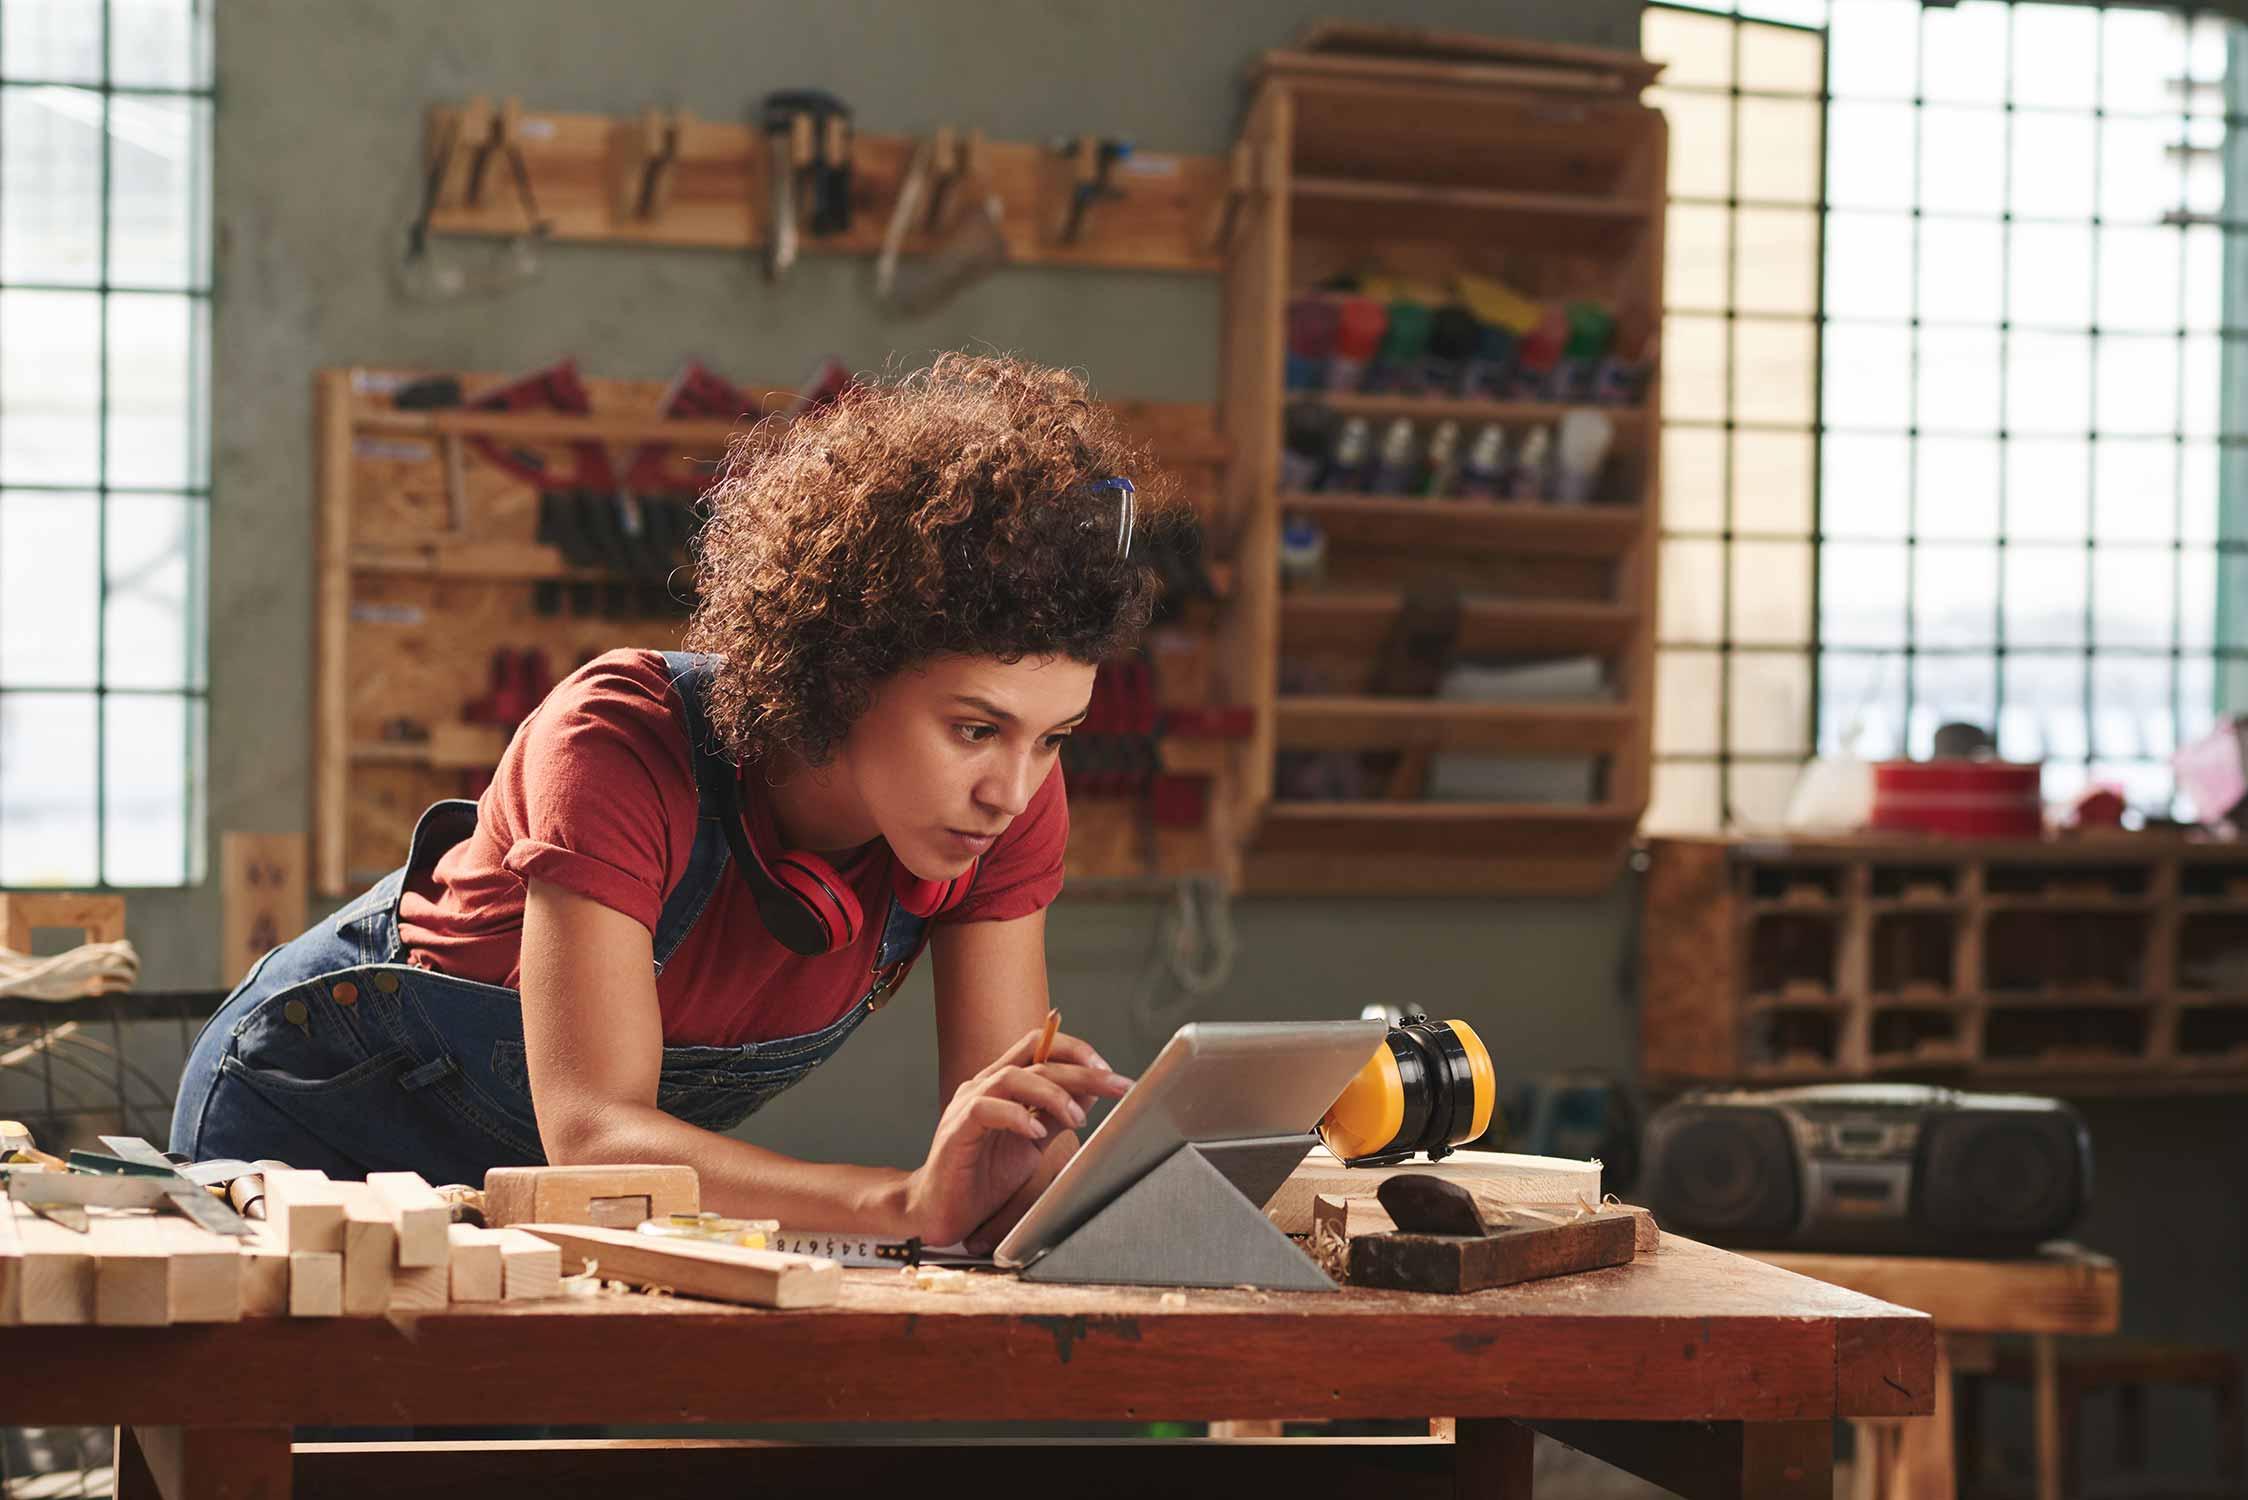 Junges Mädchen steht bei der Werkbank und wirft einen Blick in ihr Tablet.